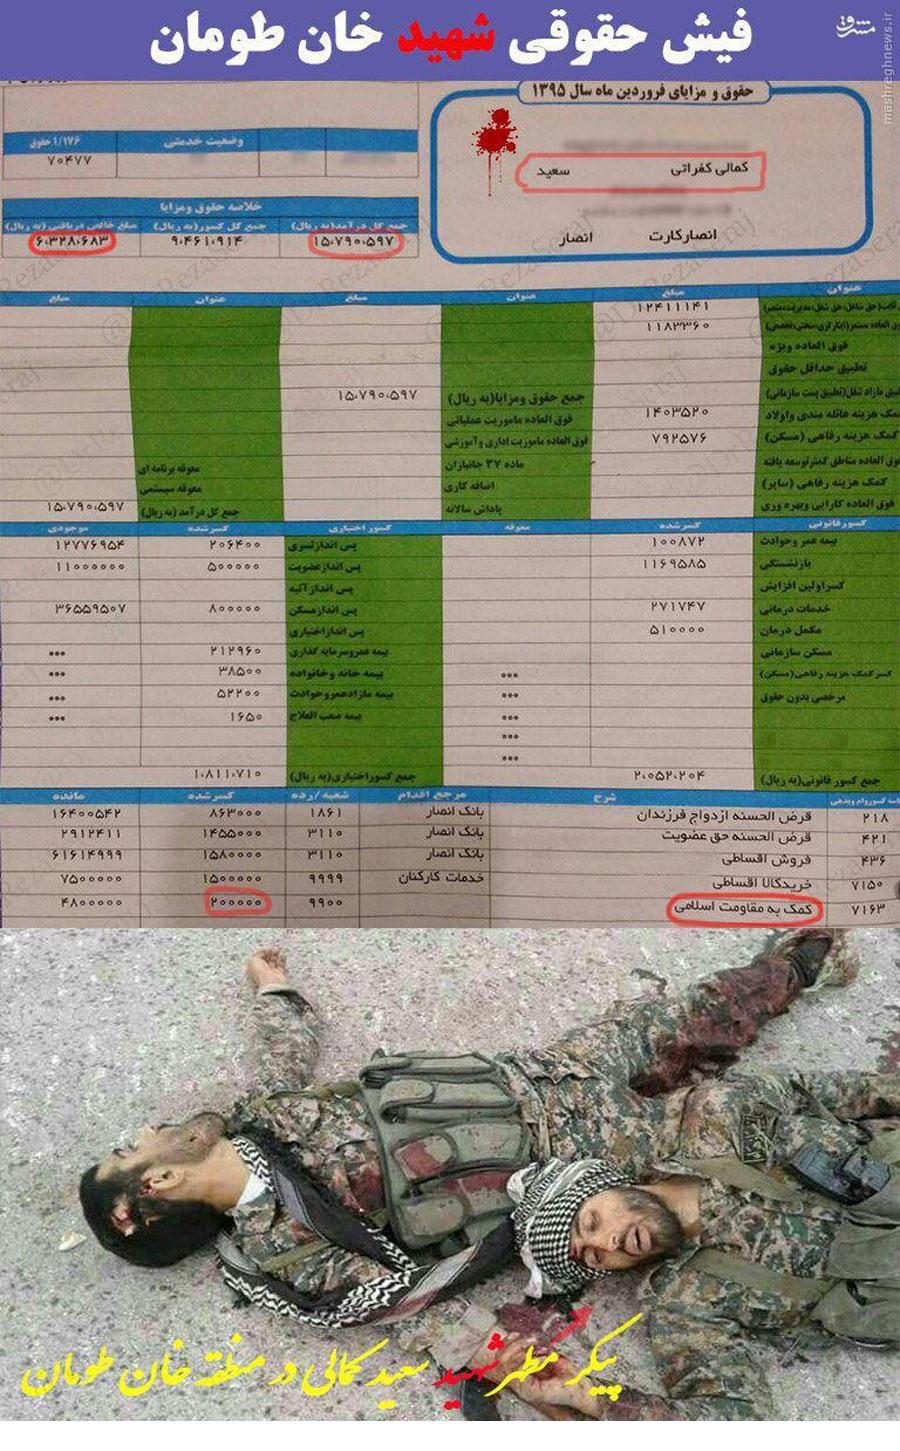 1463355711 فیش حقوقی شهید مدافع حرم ؛ عکس